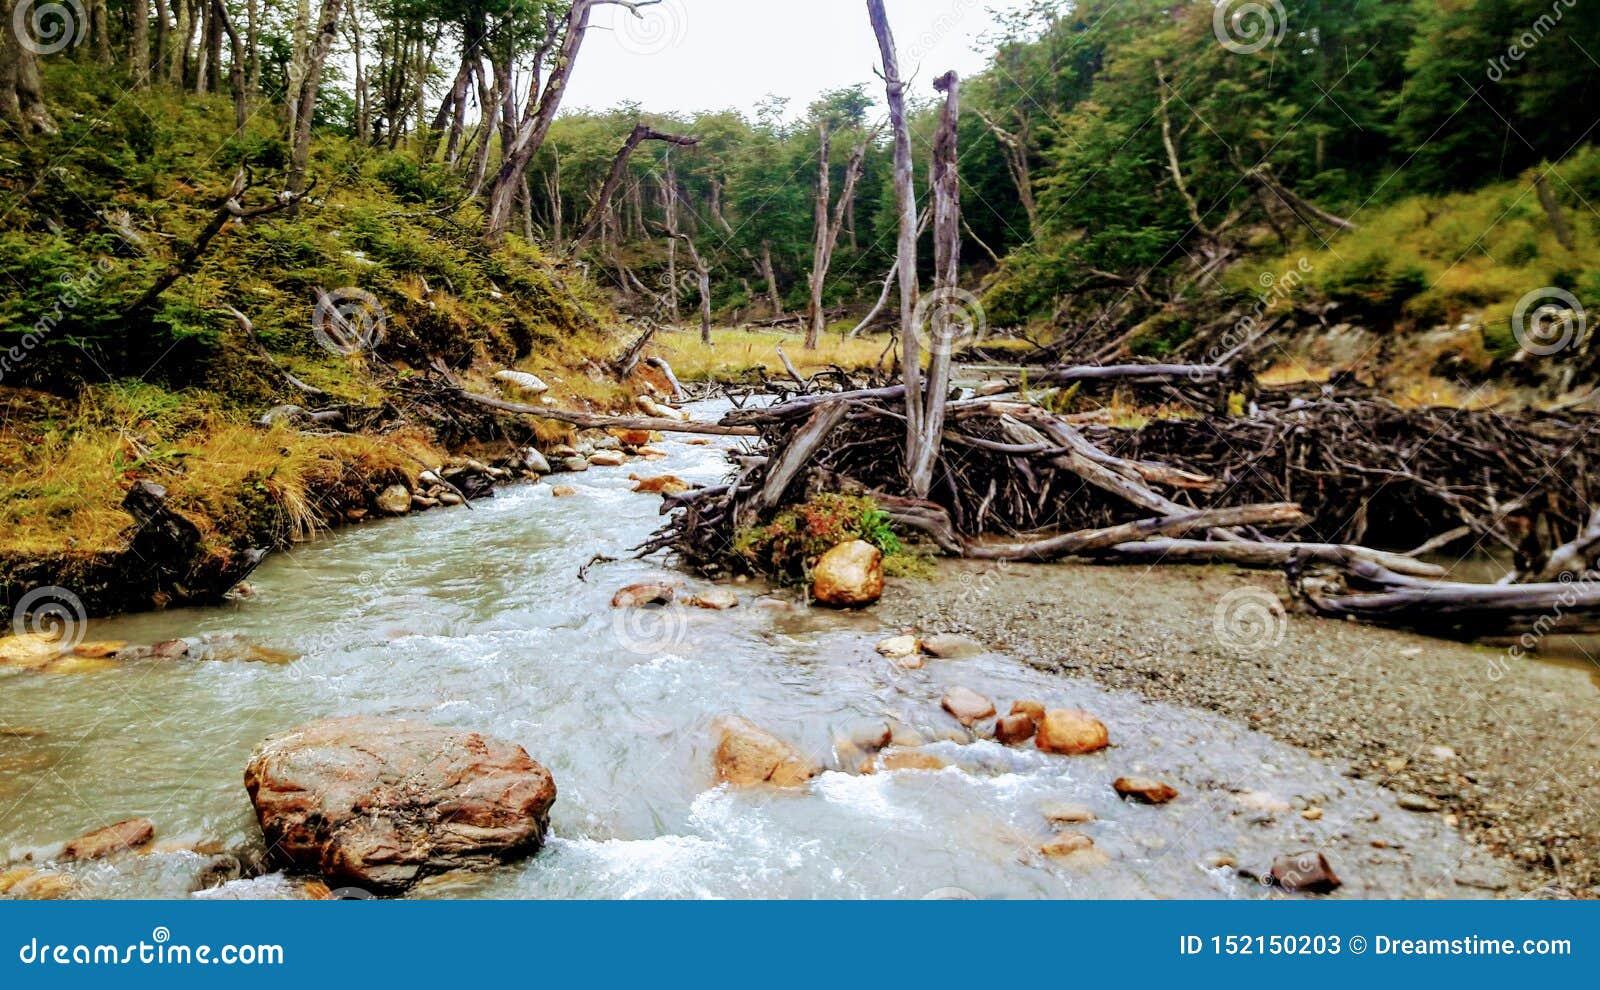 Uhsuaia, Tierra del Fuego, Argentina